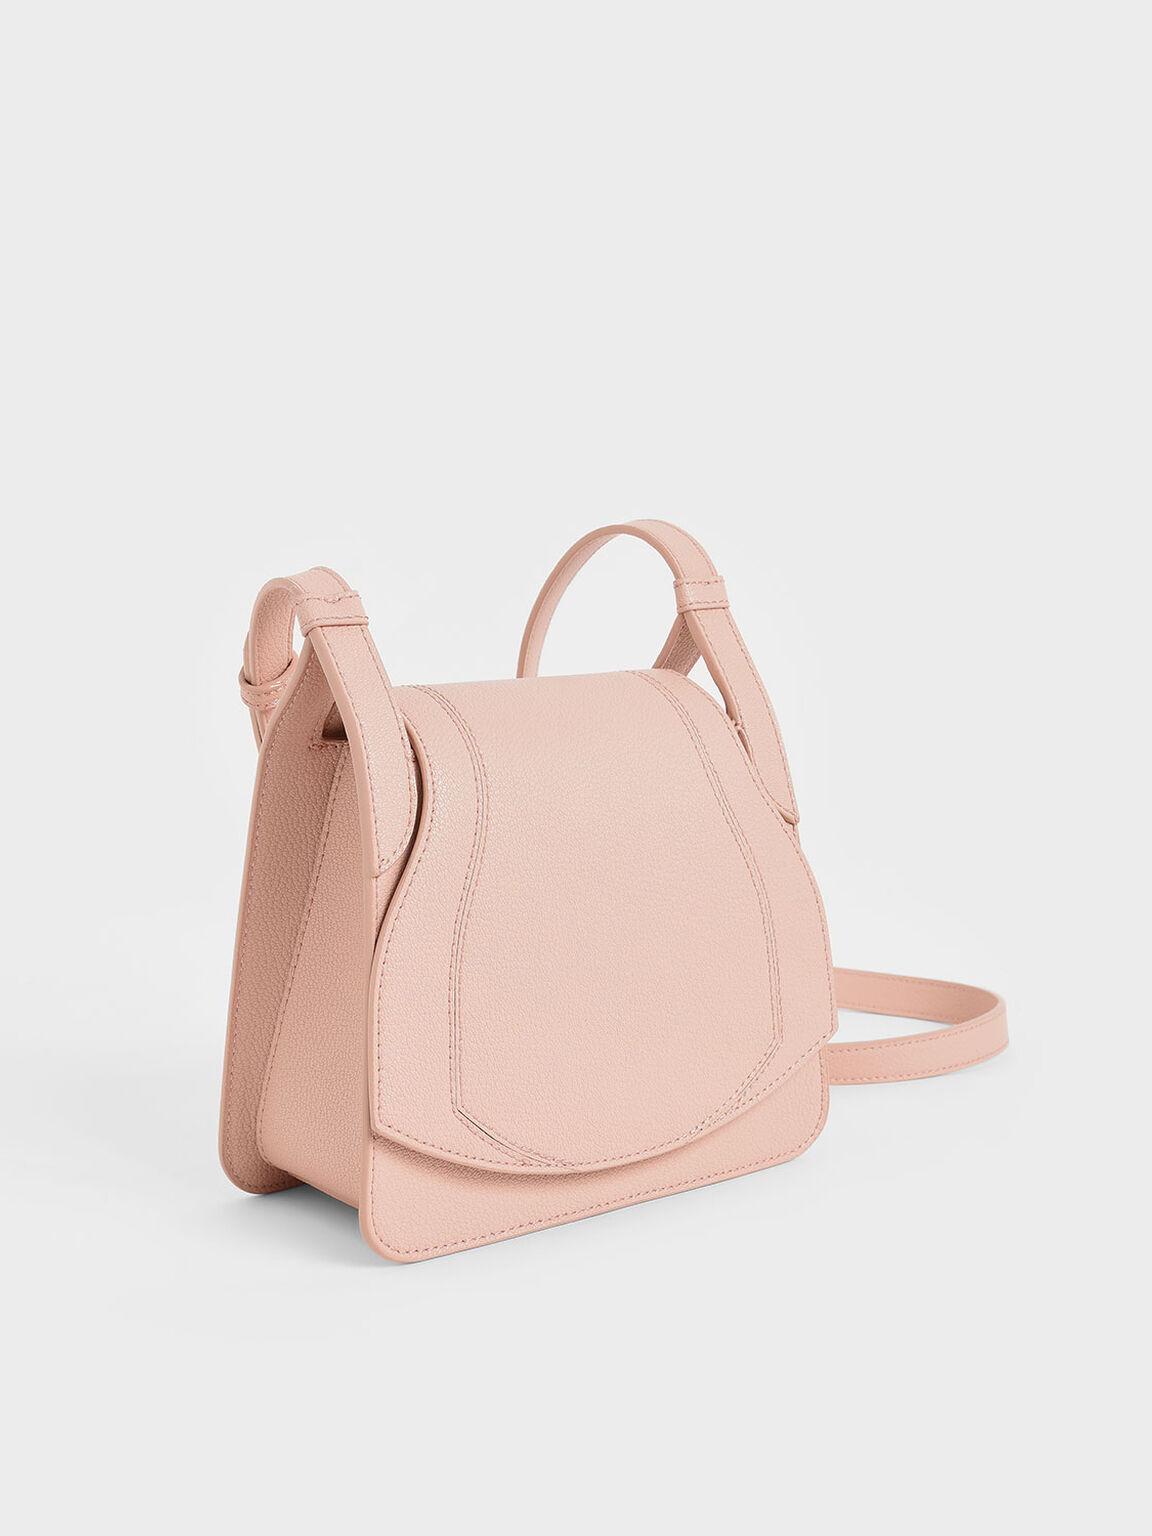 Small Crossbody Bag, Pink, hi-res